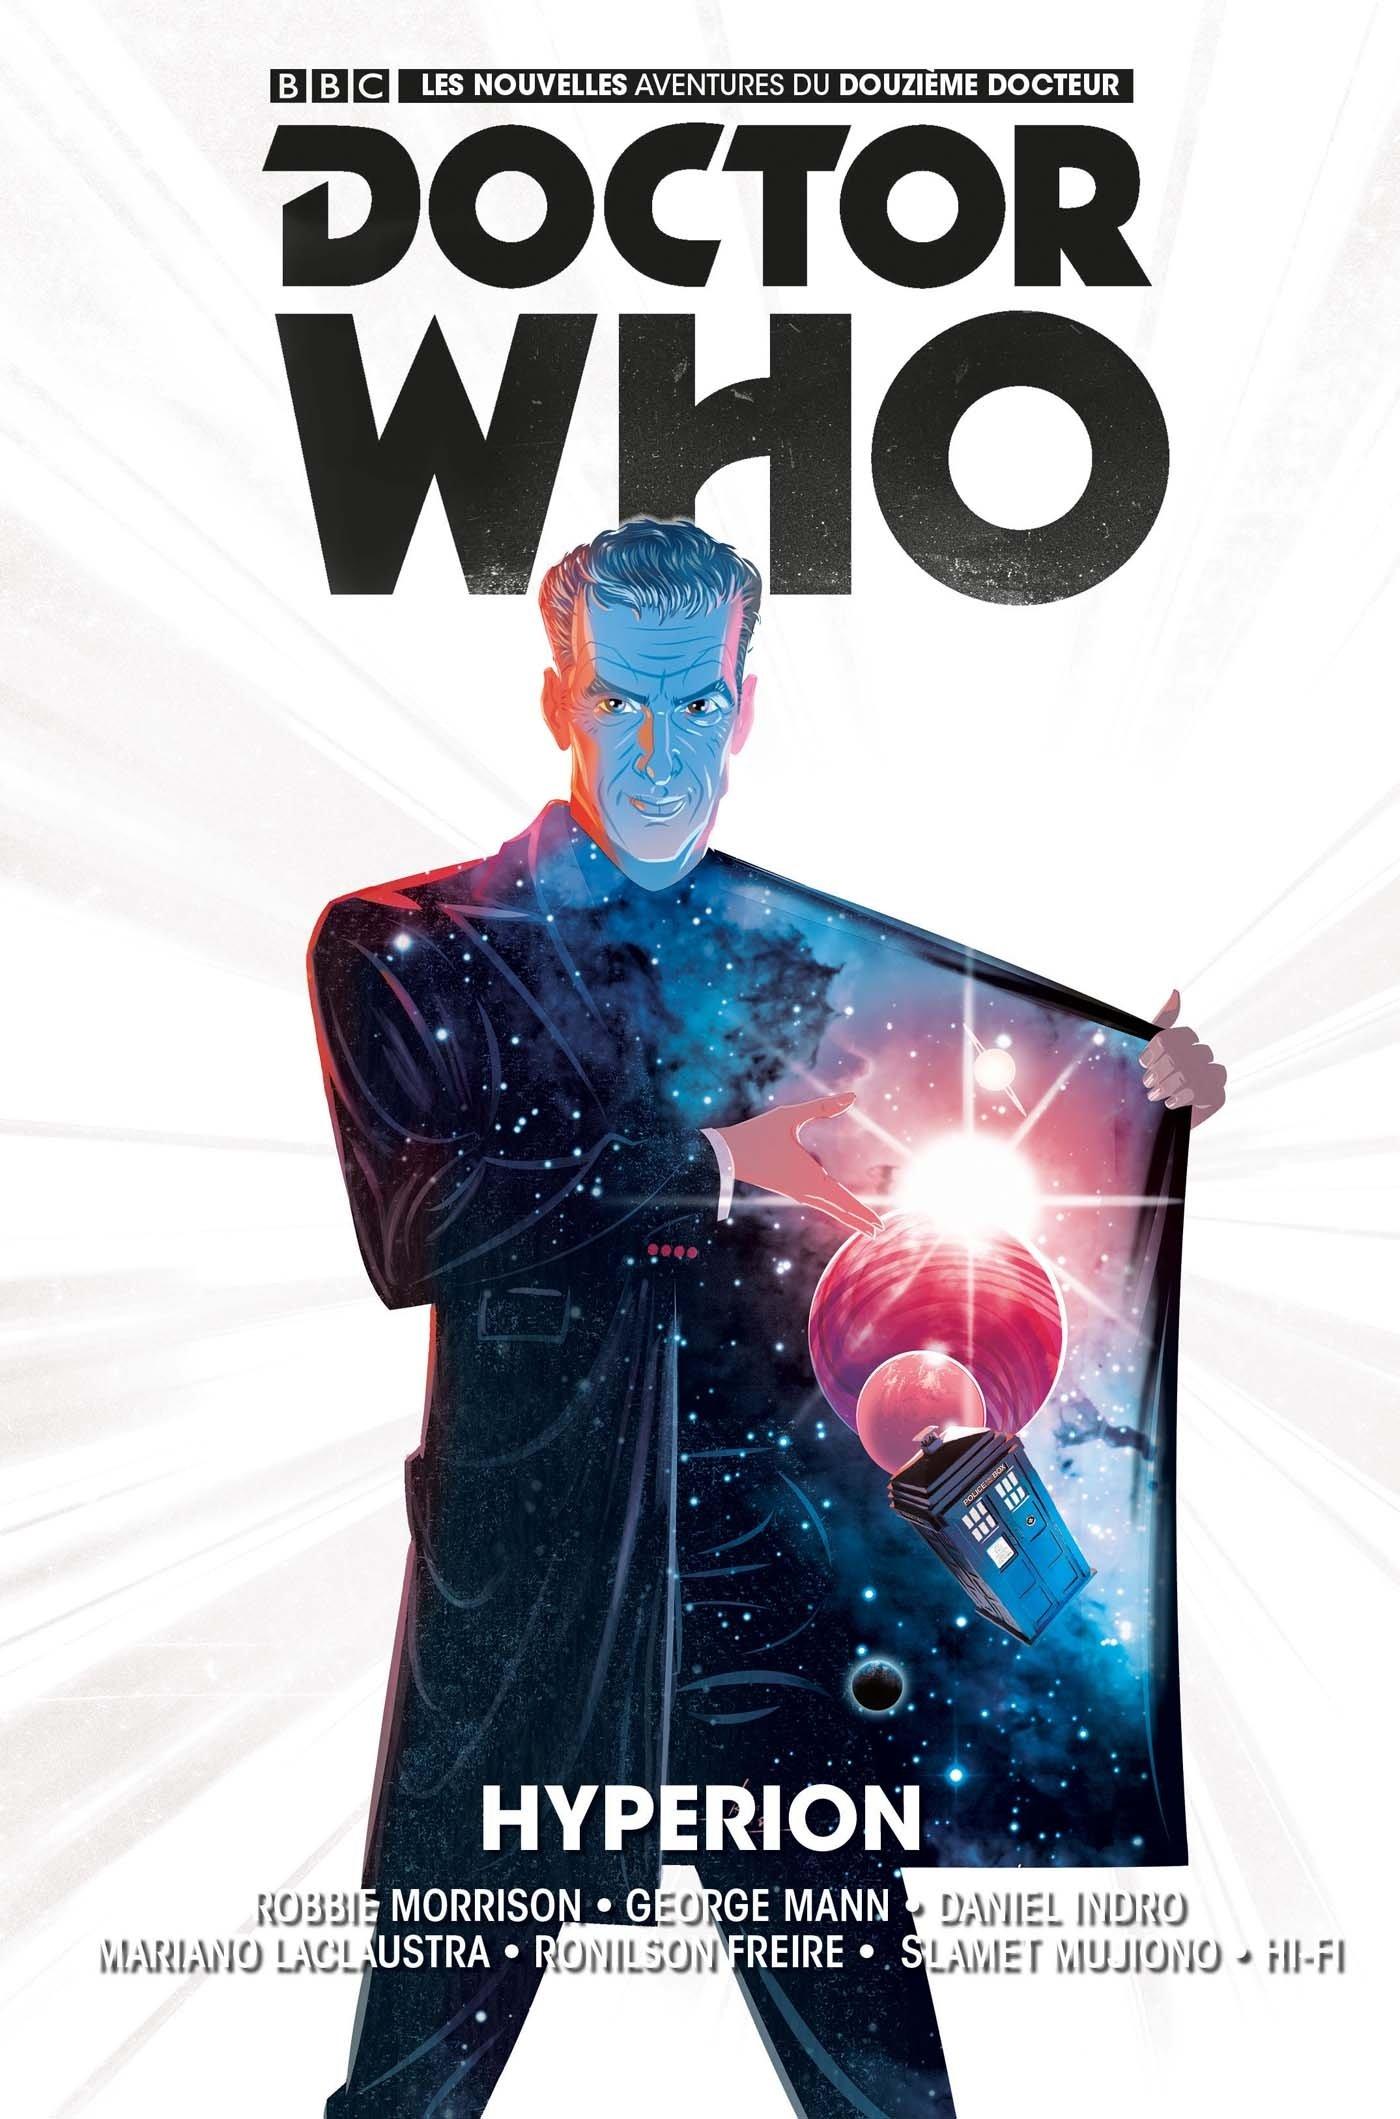 Doctor Who - Le 12e Docteur T3 Album – 11 mai 2017 Robbie Morrison George Mann Collectif Diane Lecerf